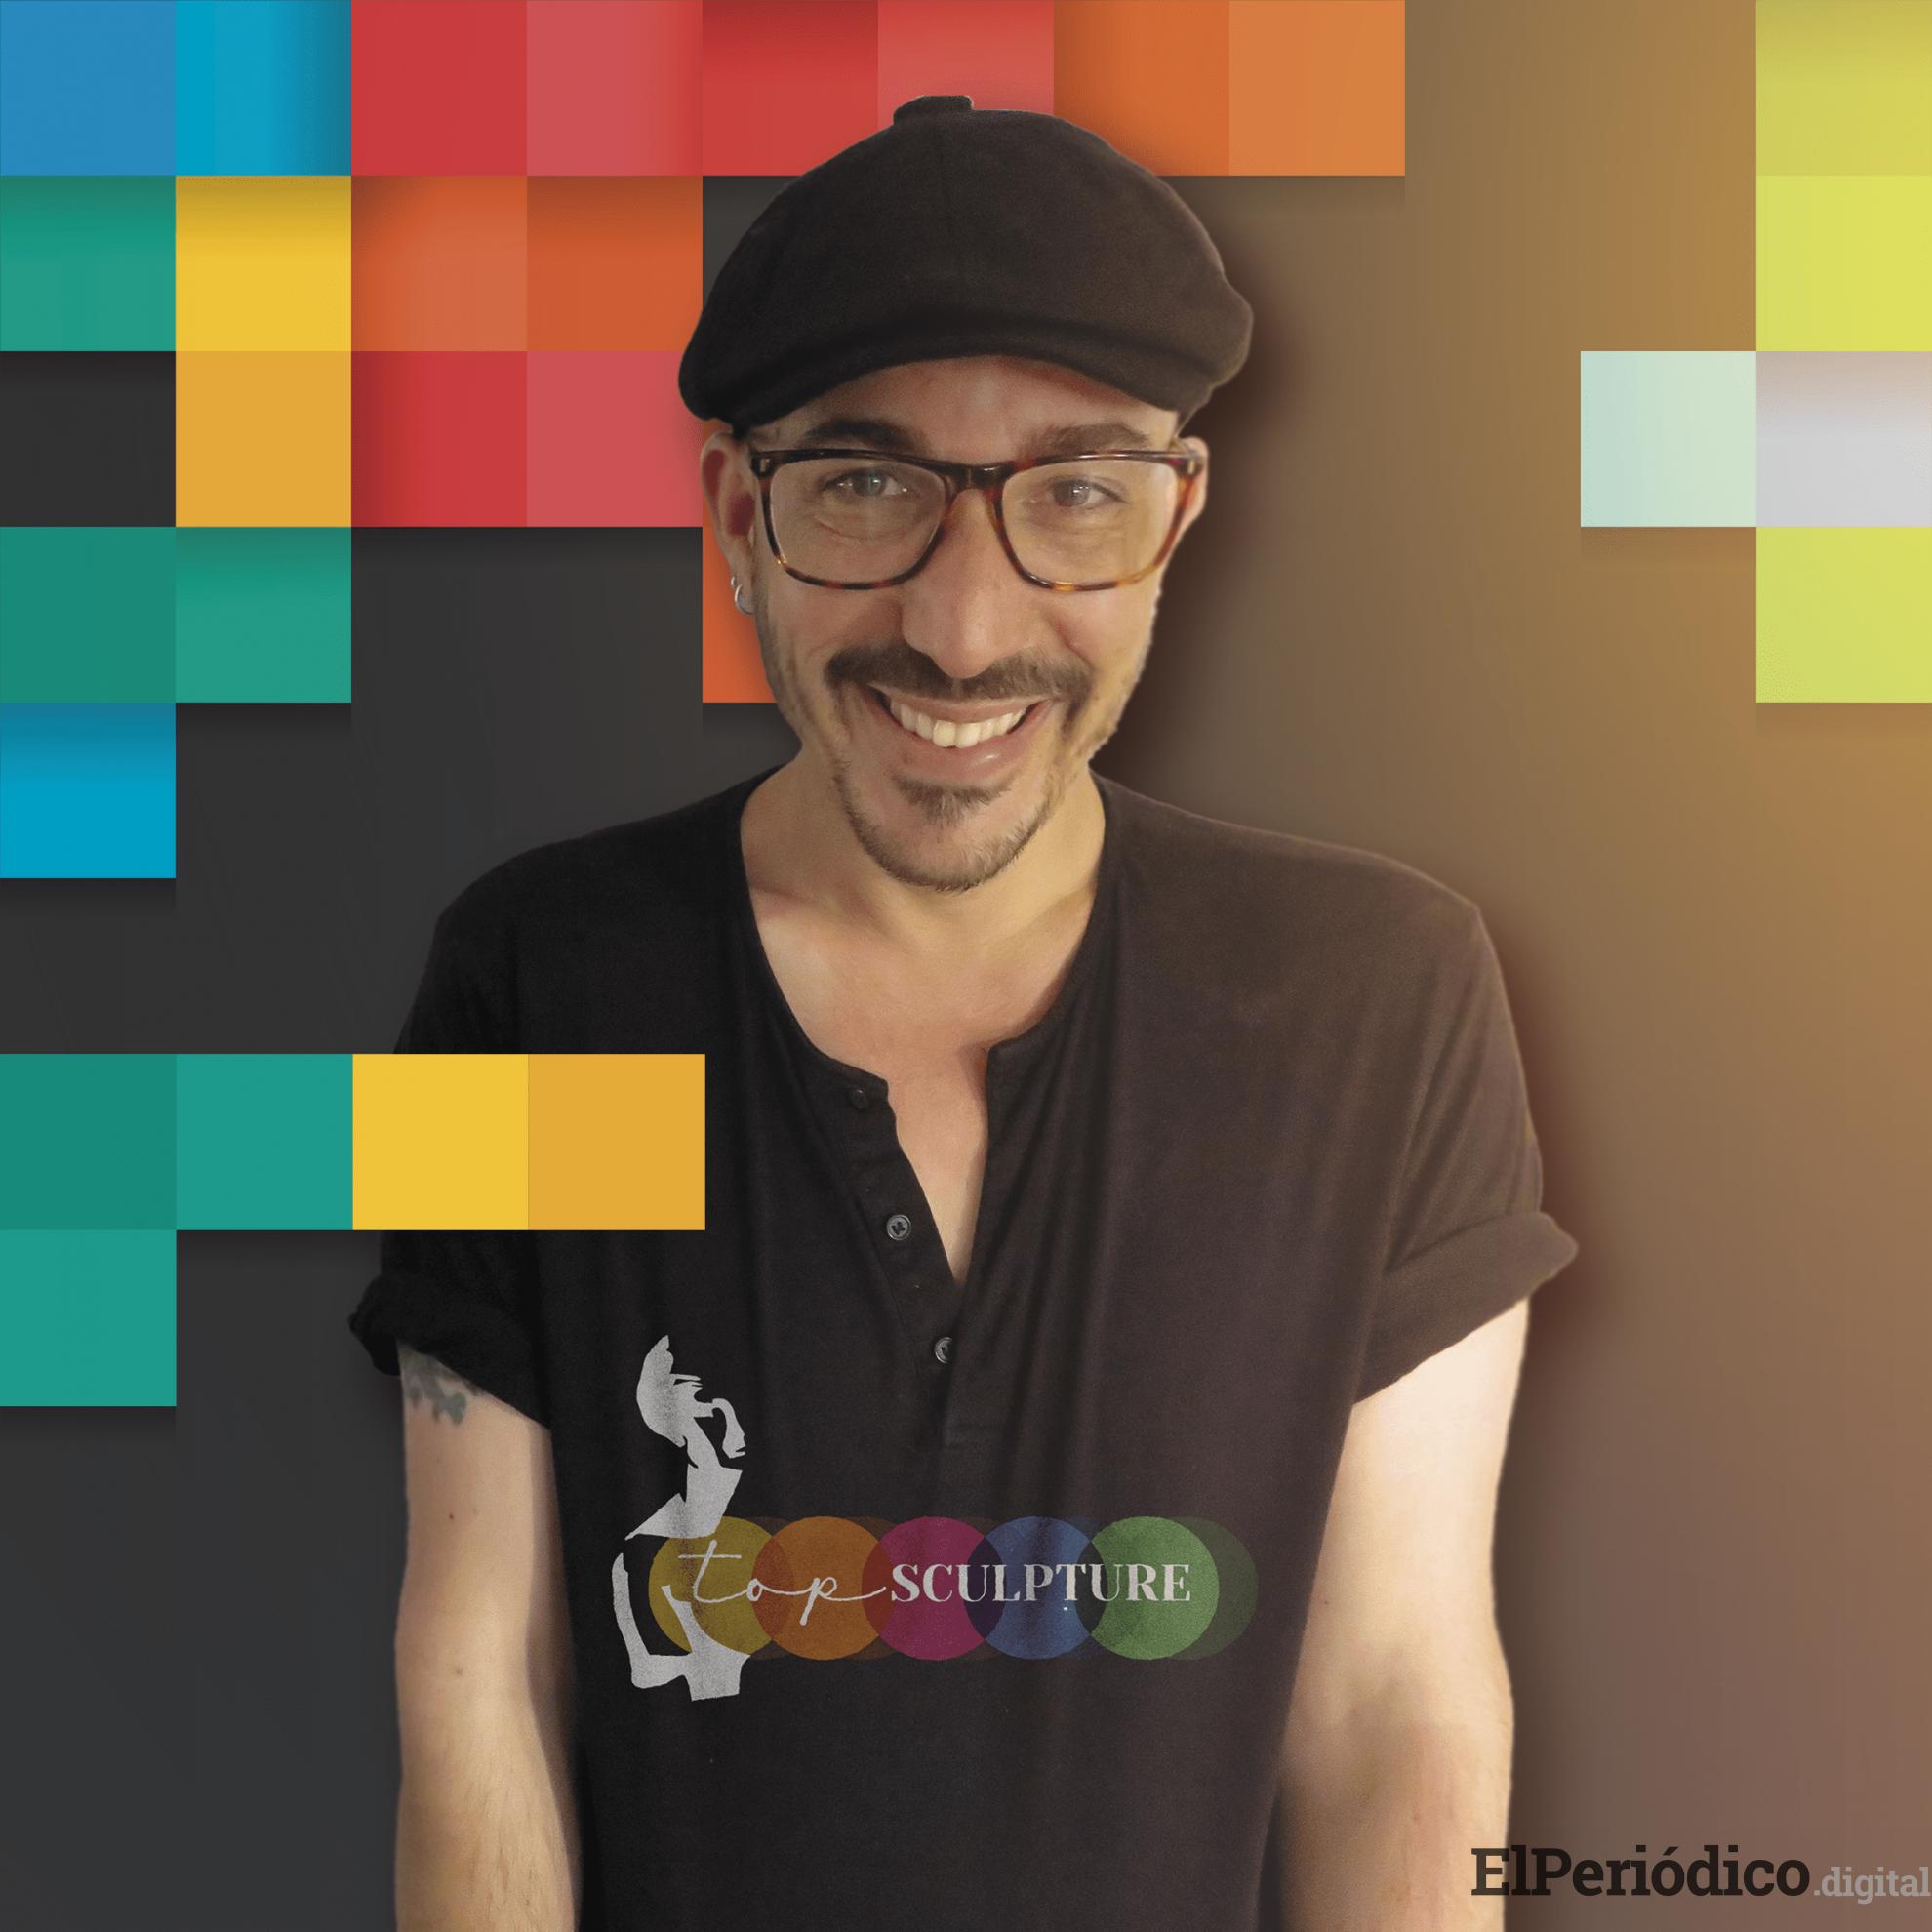 """El Pintor e ilustrador Aarón Izquierdo lleva su colección """"Top Sculpture"""" a Marbella 1"""